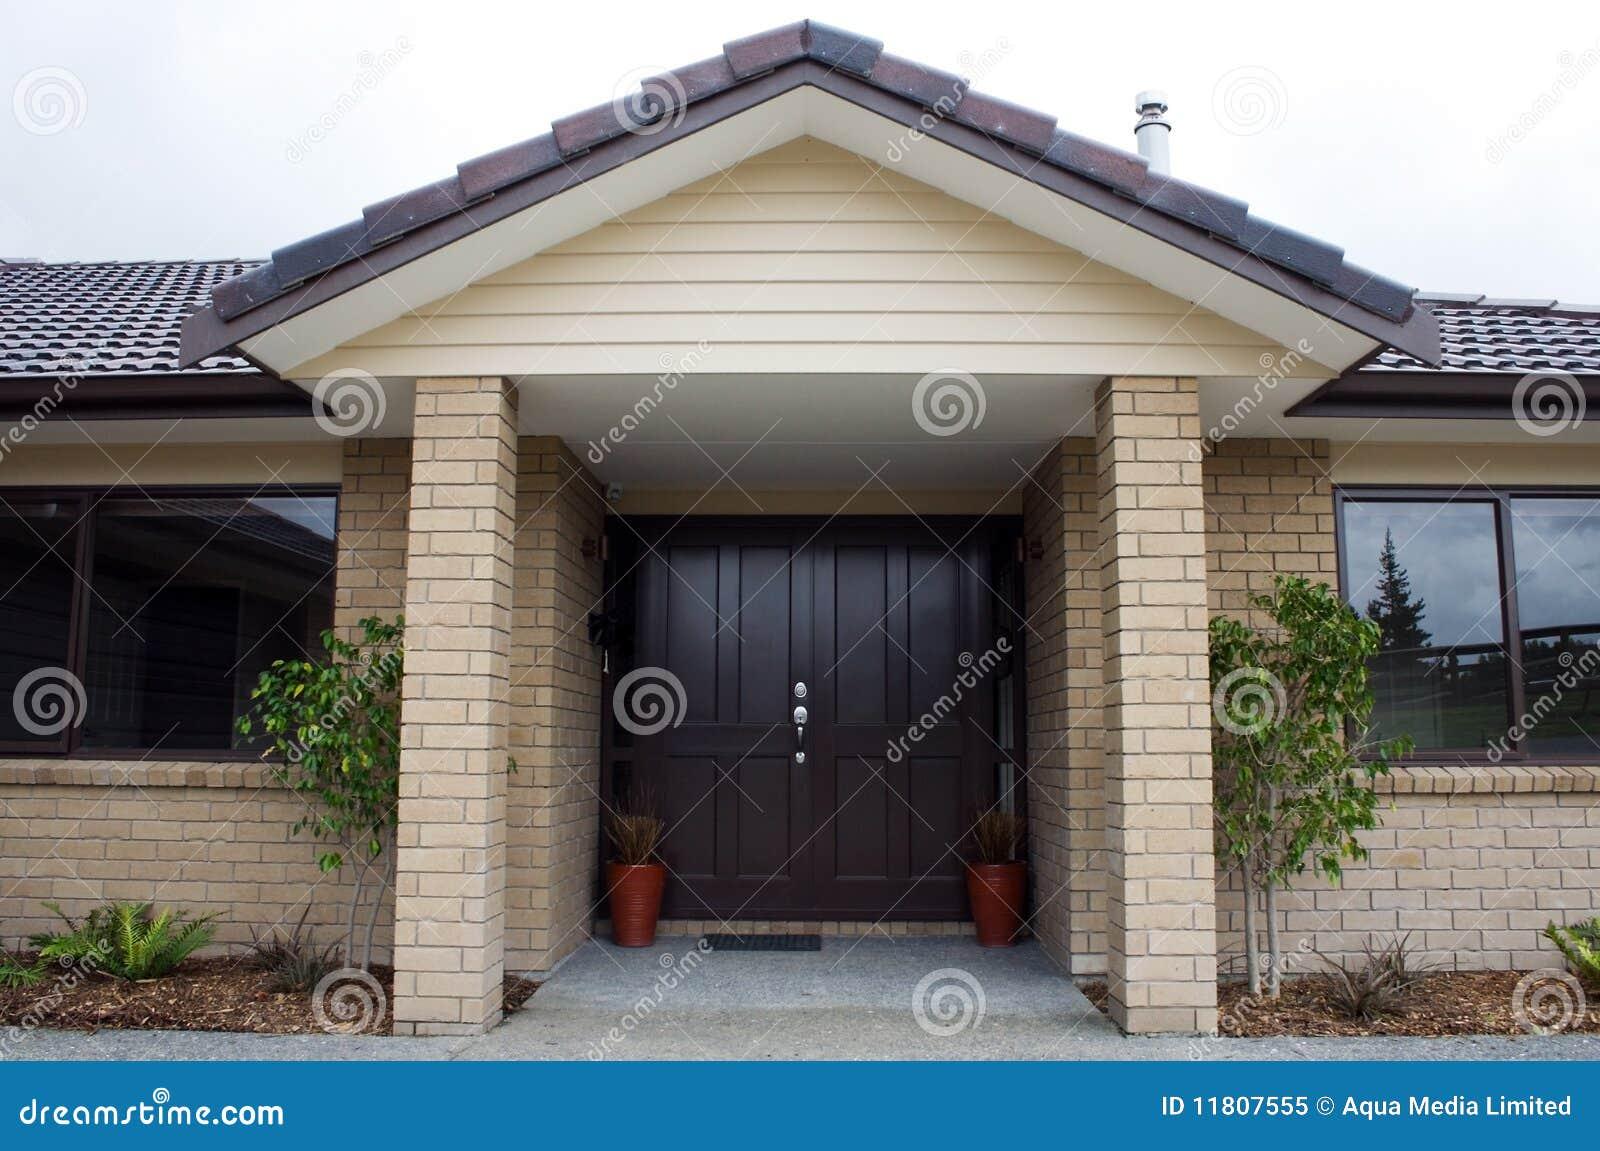 Entrada delantera de la casa moderna foto de archivo libre for Puertas de entrada de casas modernas